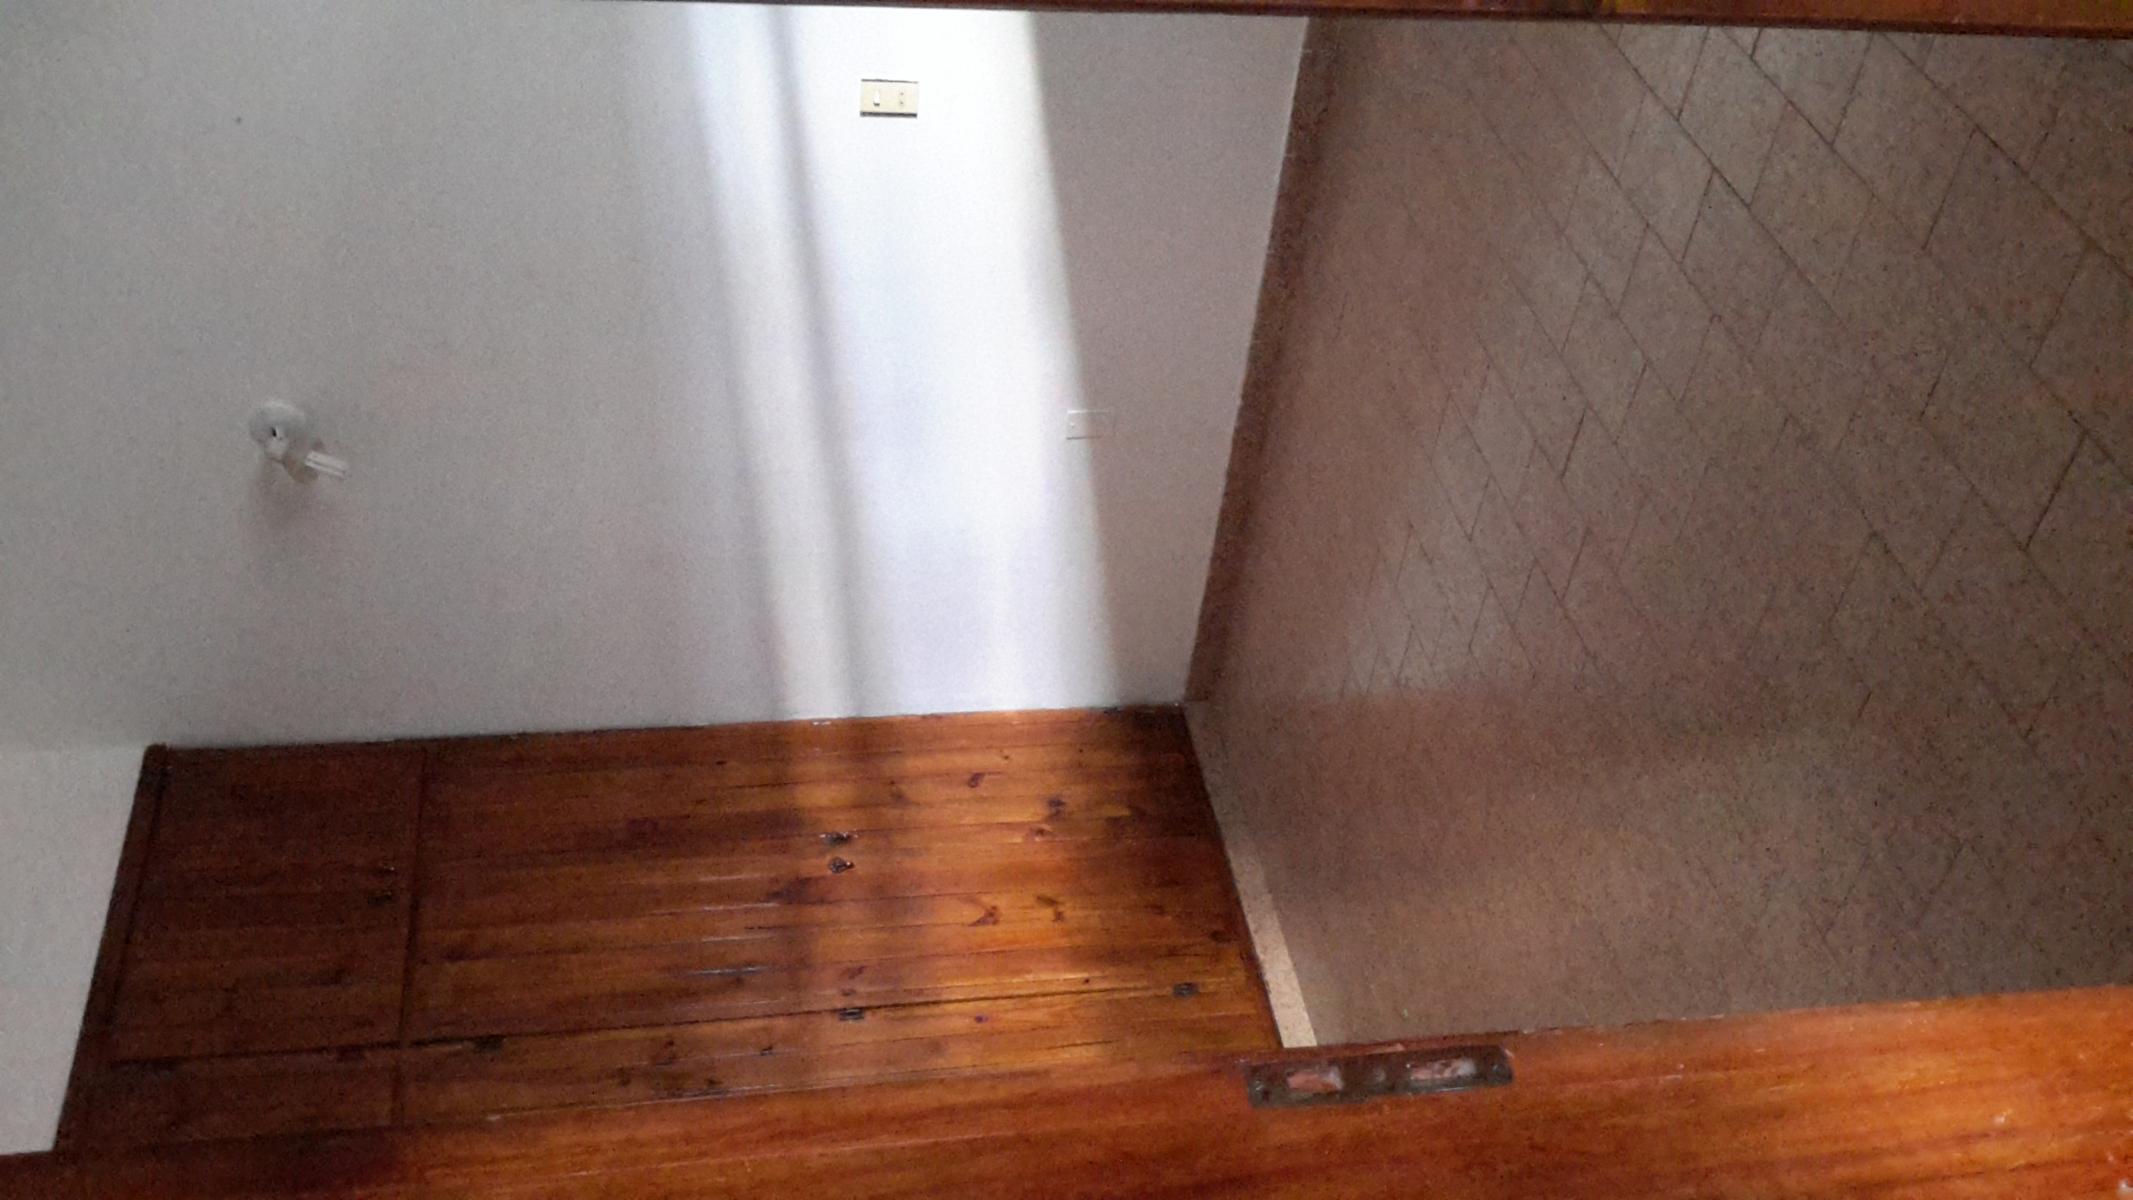 DisponibleUn dormitorio por escaleras, sin expensas, SFerrari Inmobiliaria